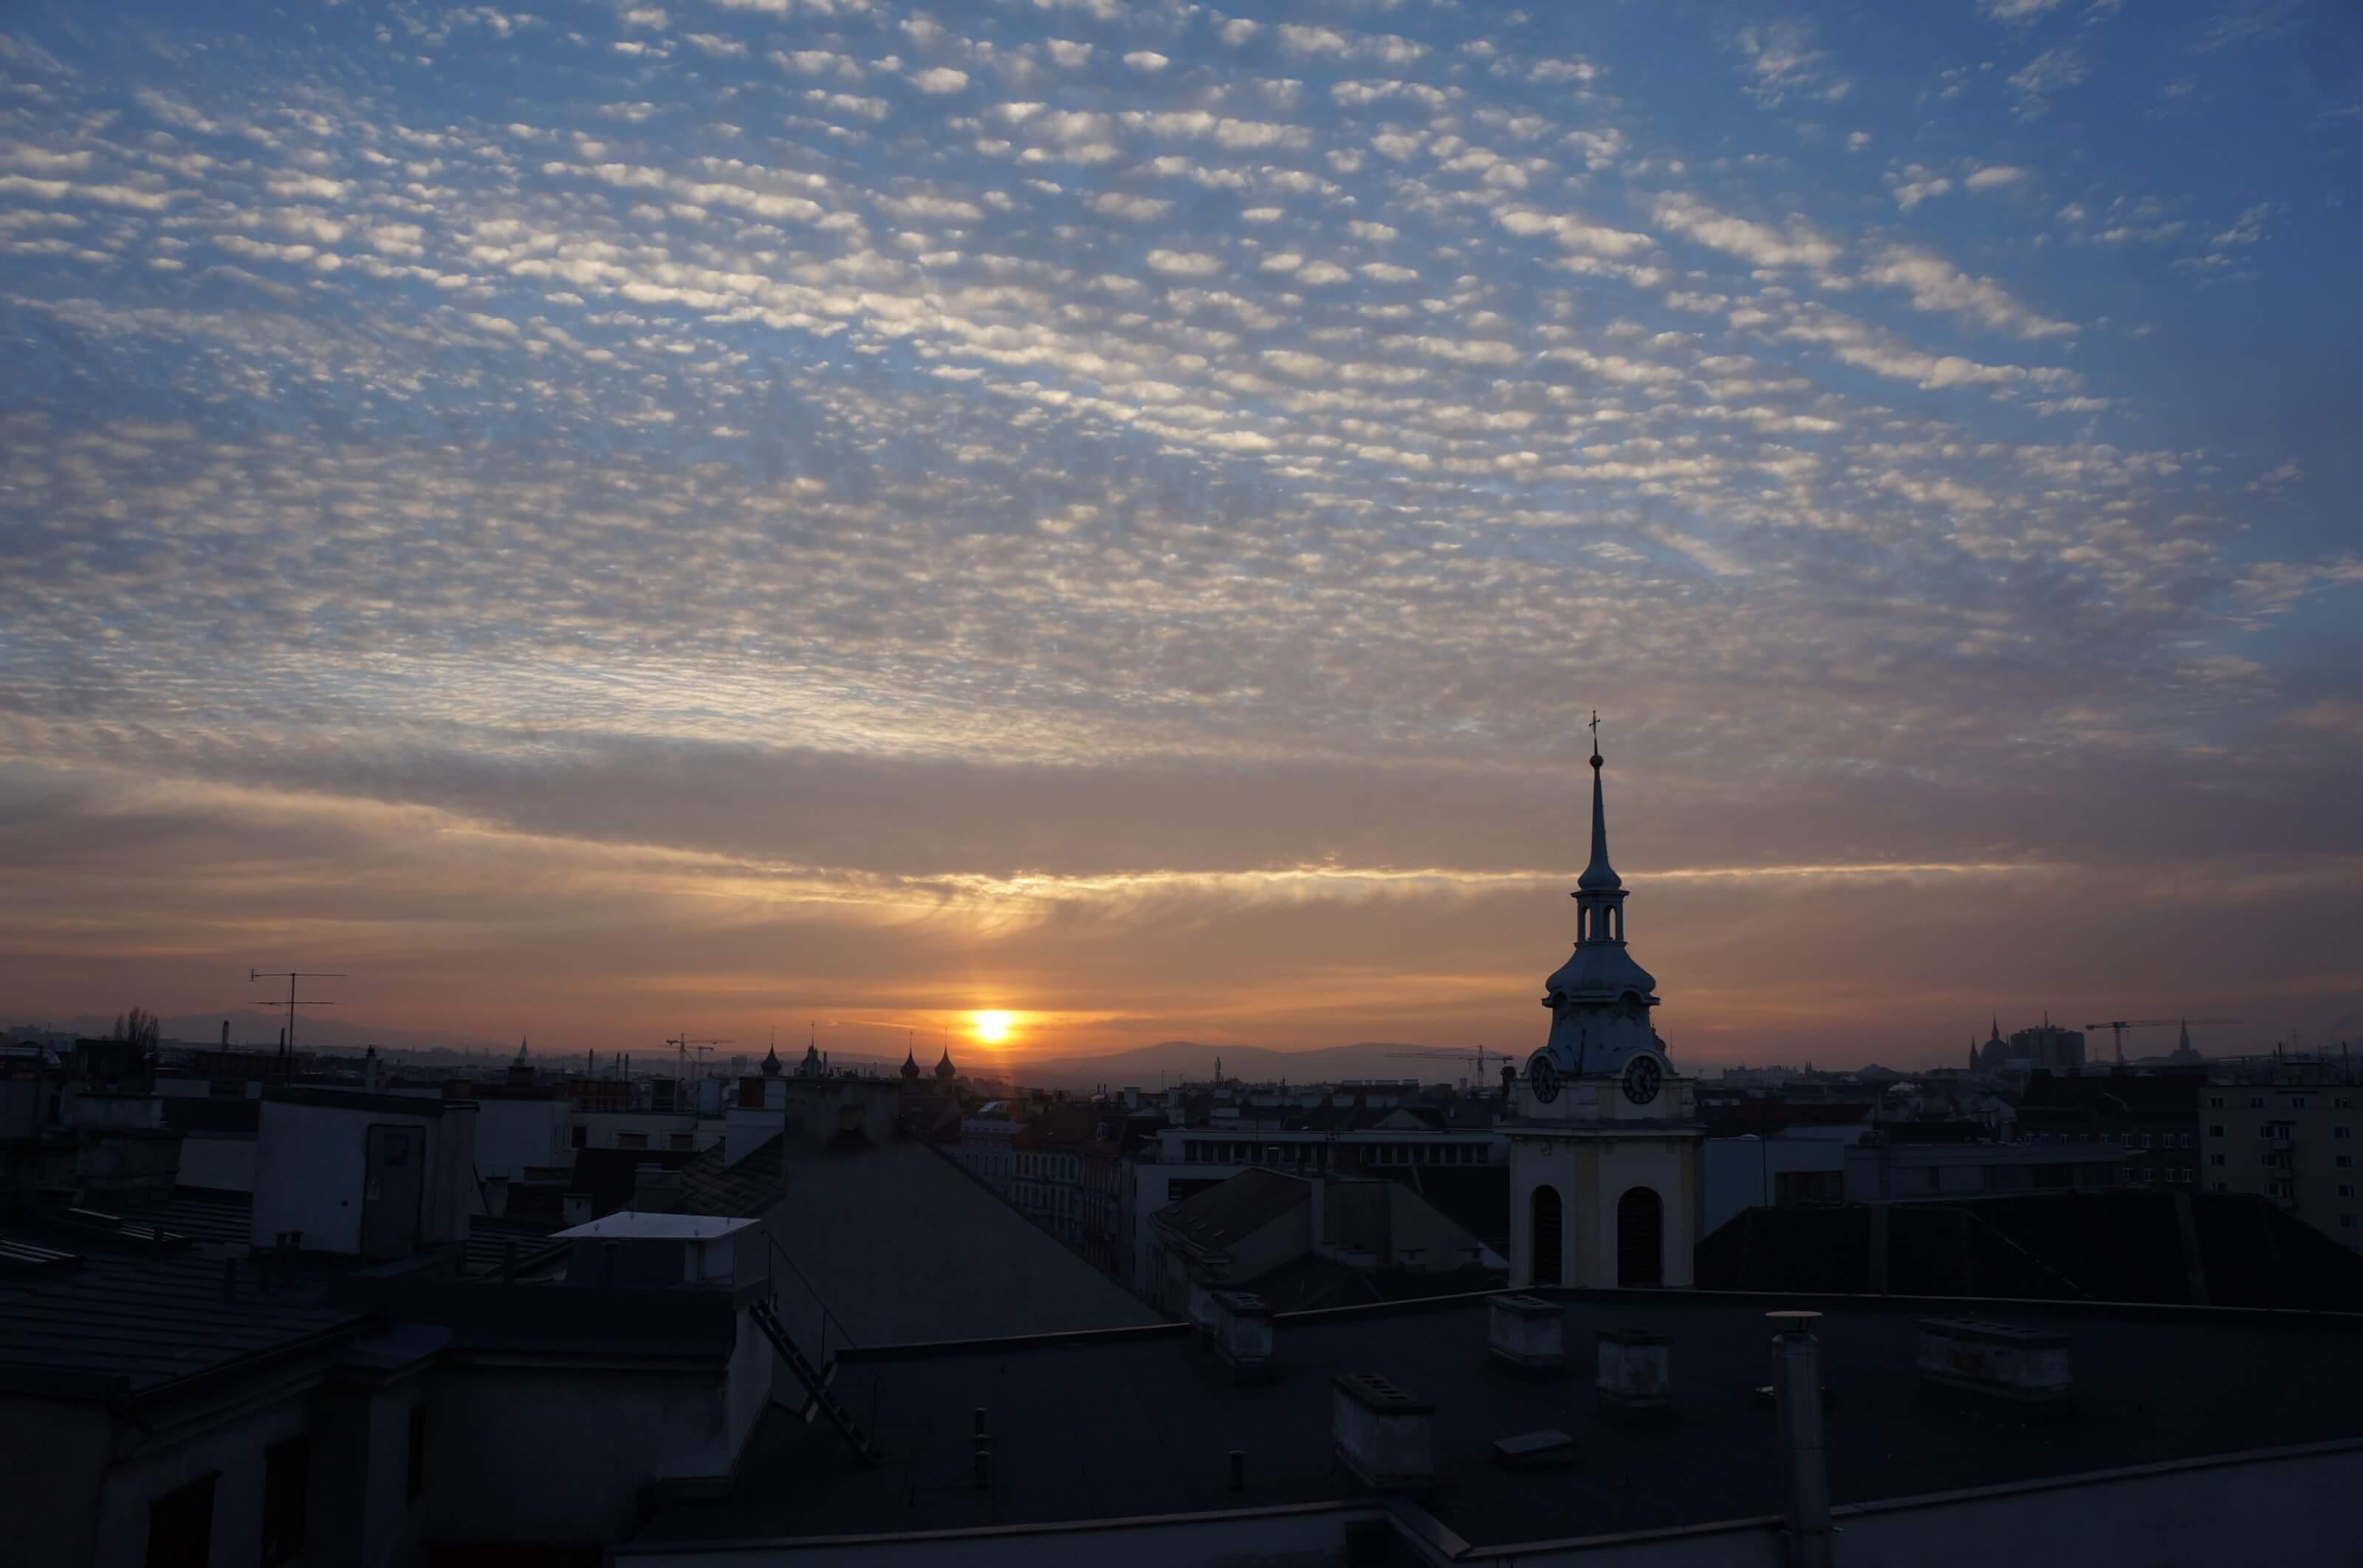 coucher de soleil, Vienne Autriche